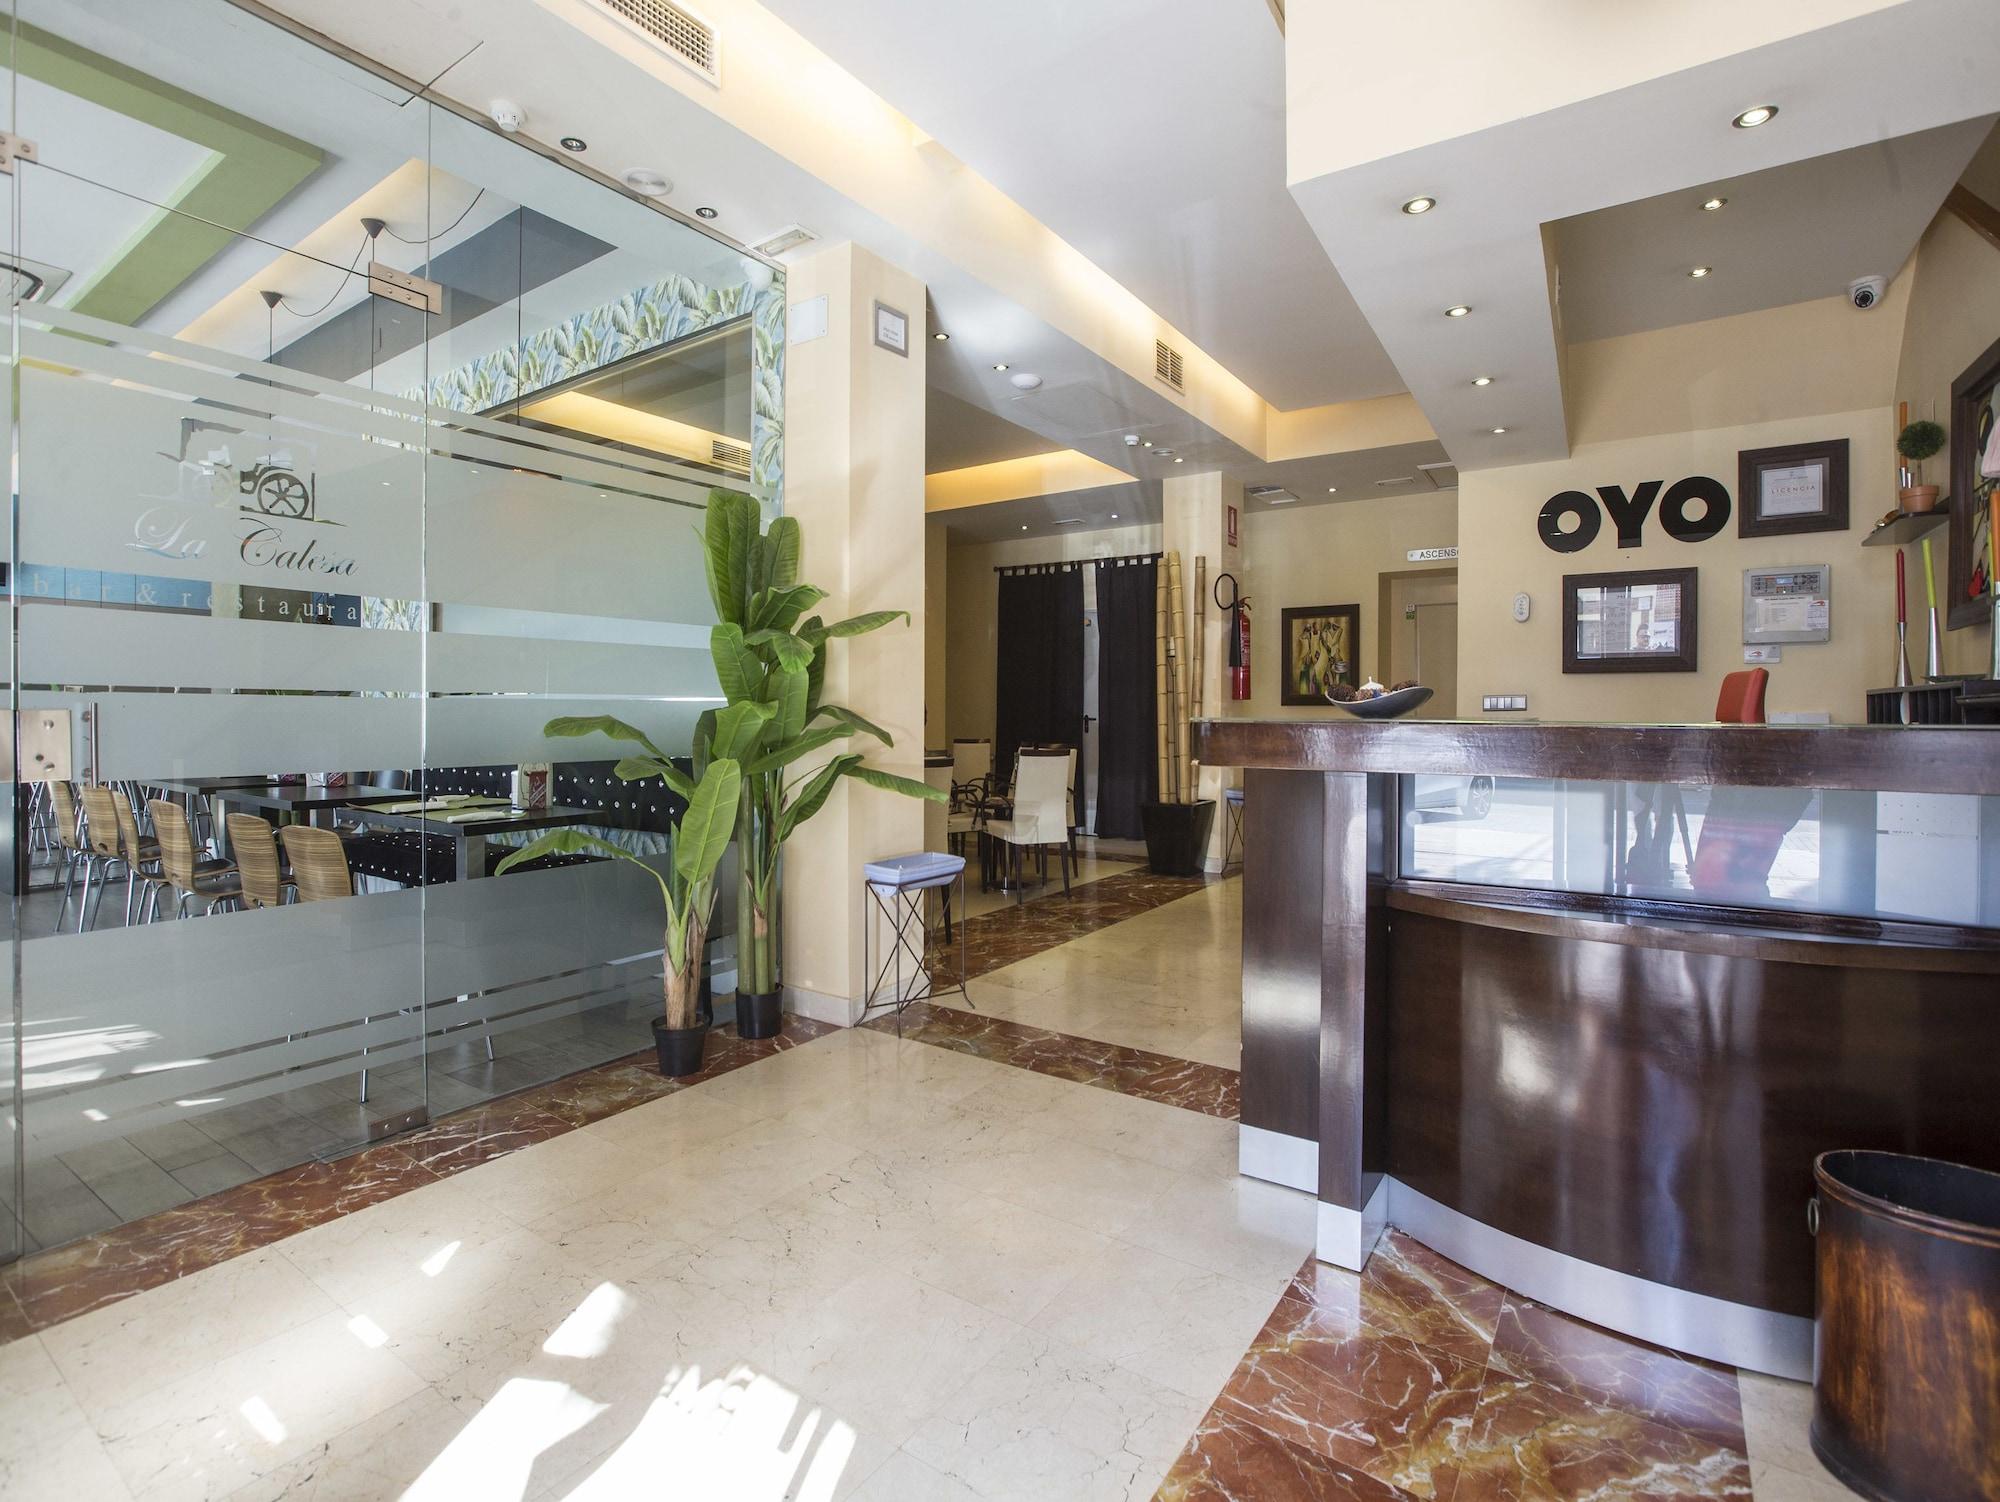 OYO Hotel El Mesón, Toledo